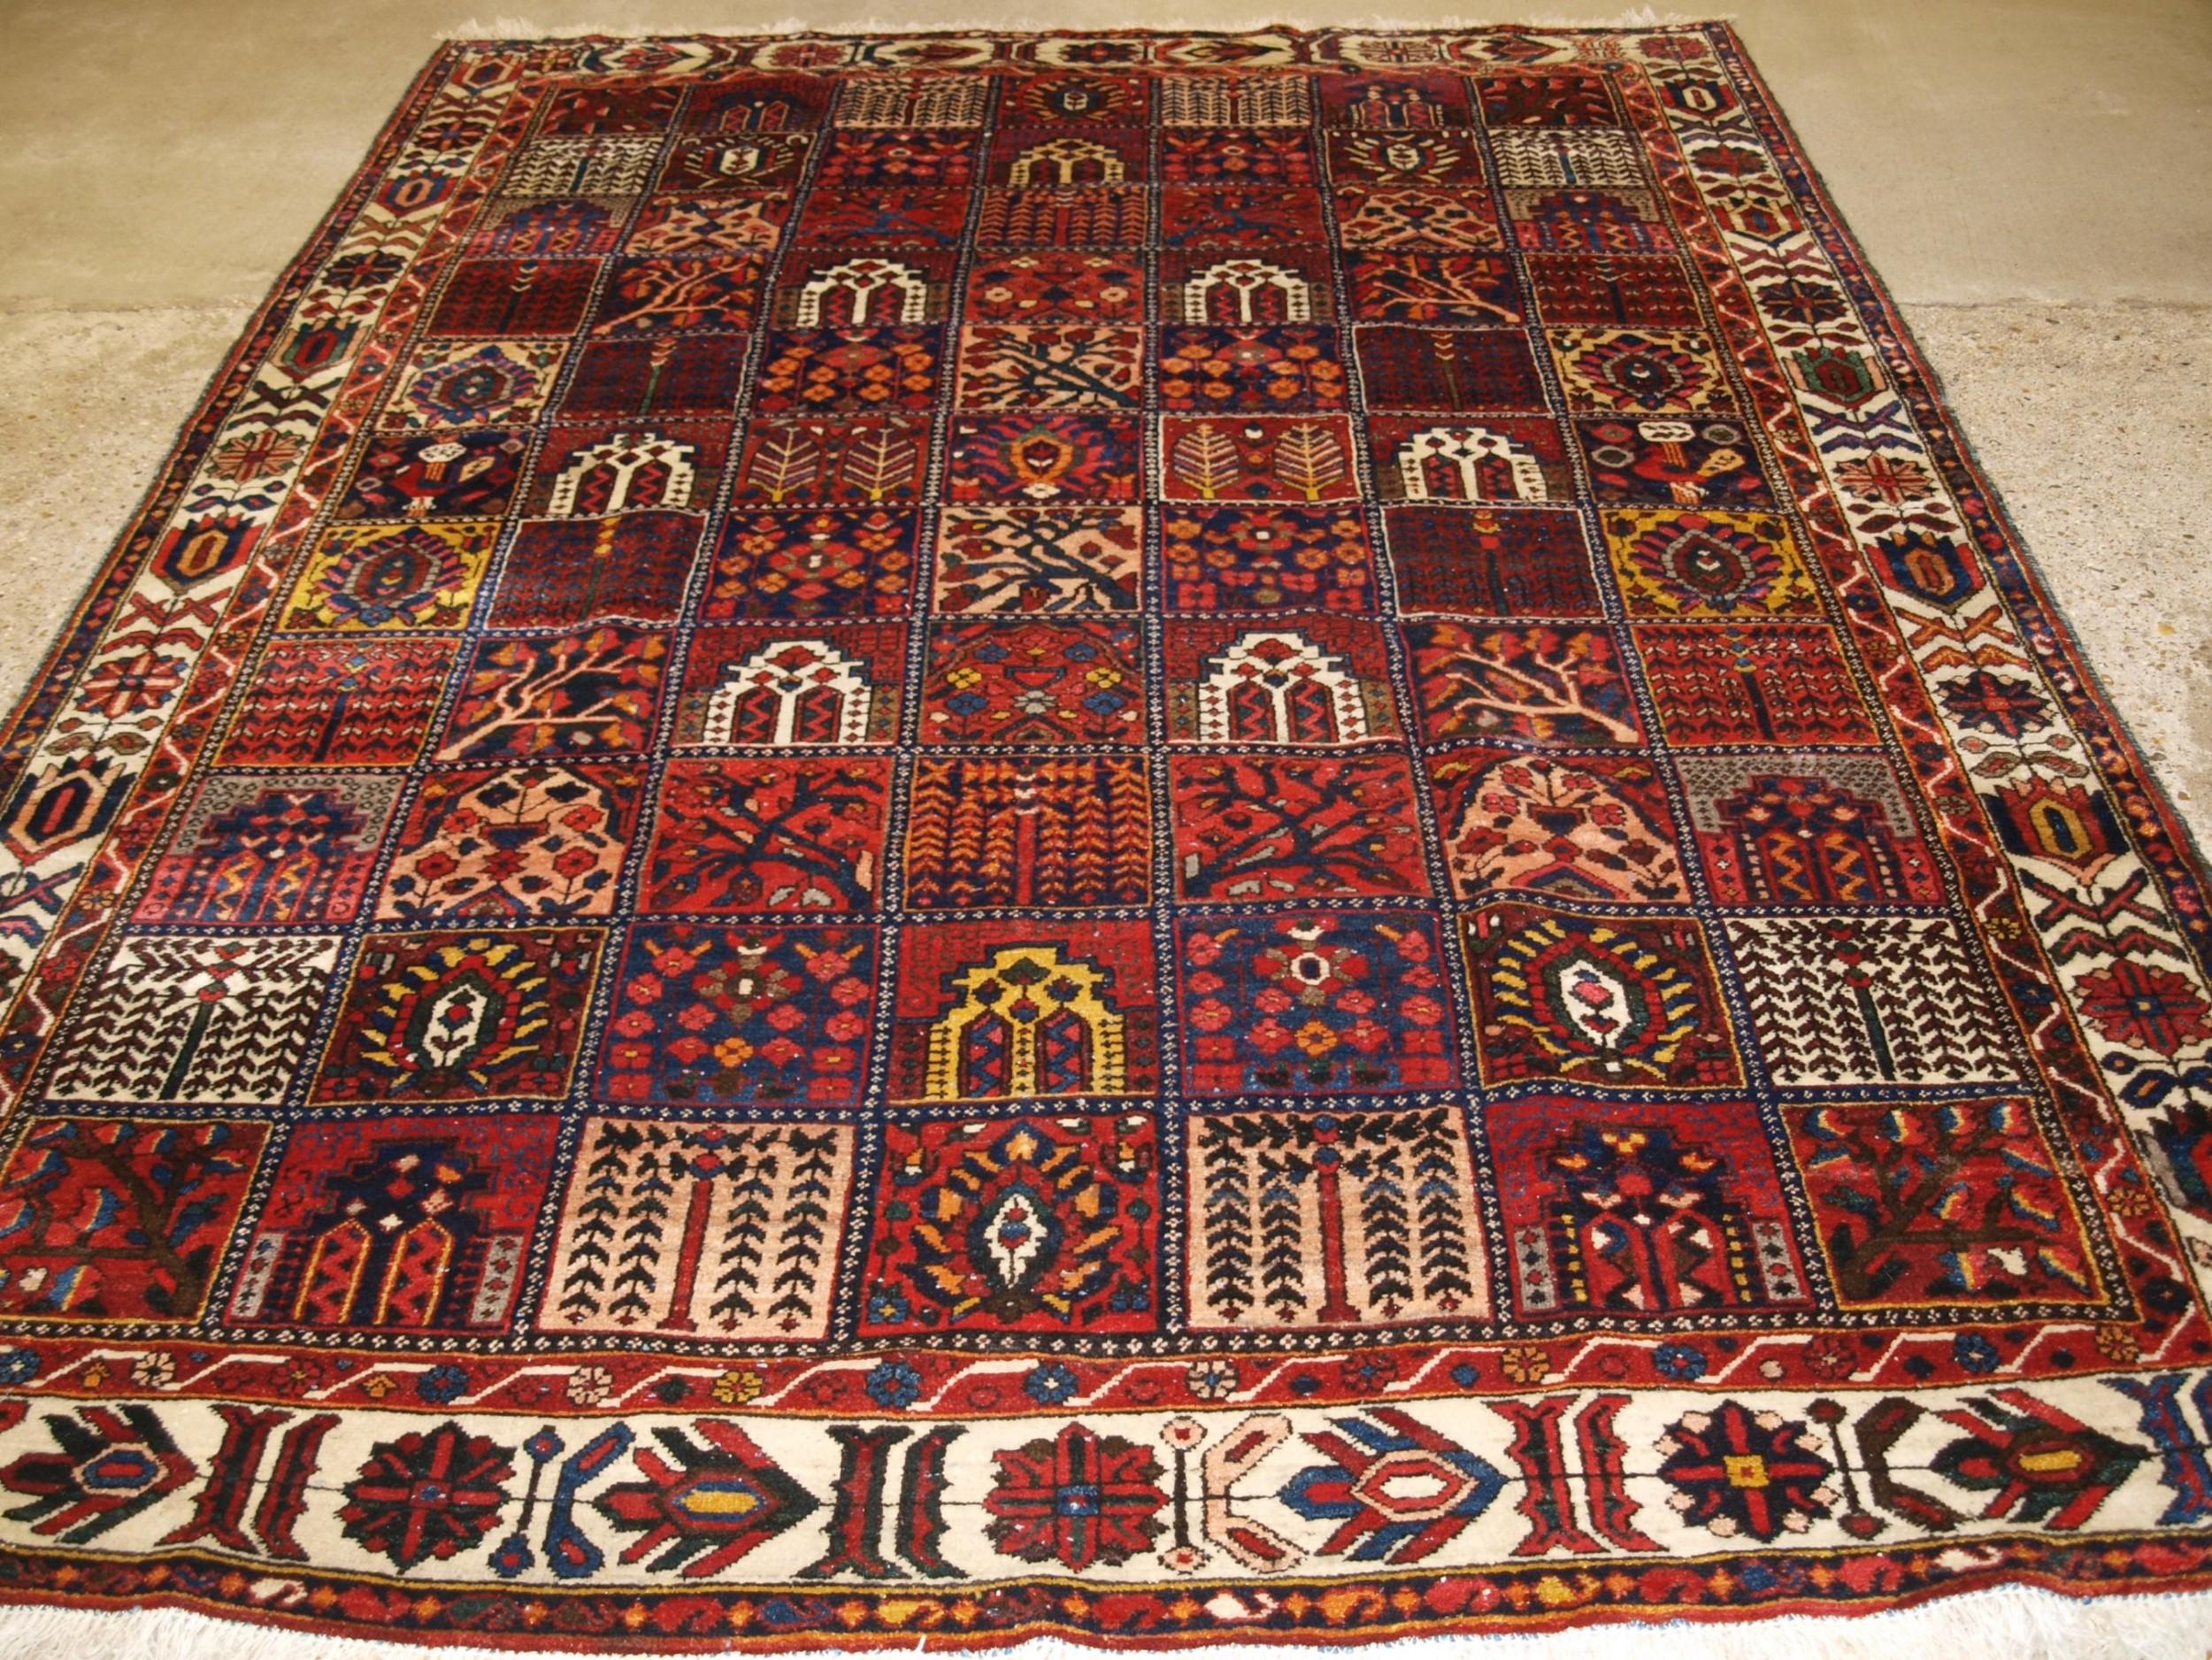 antique bakhtiari carpet of garden design circa 190020